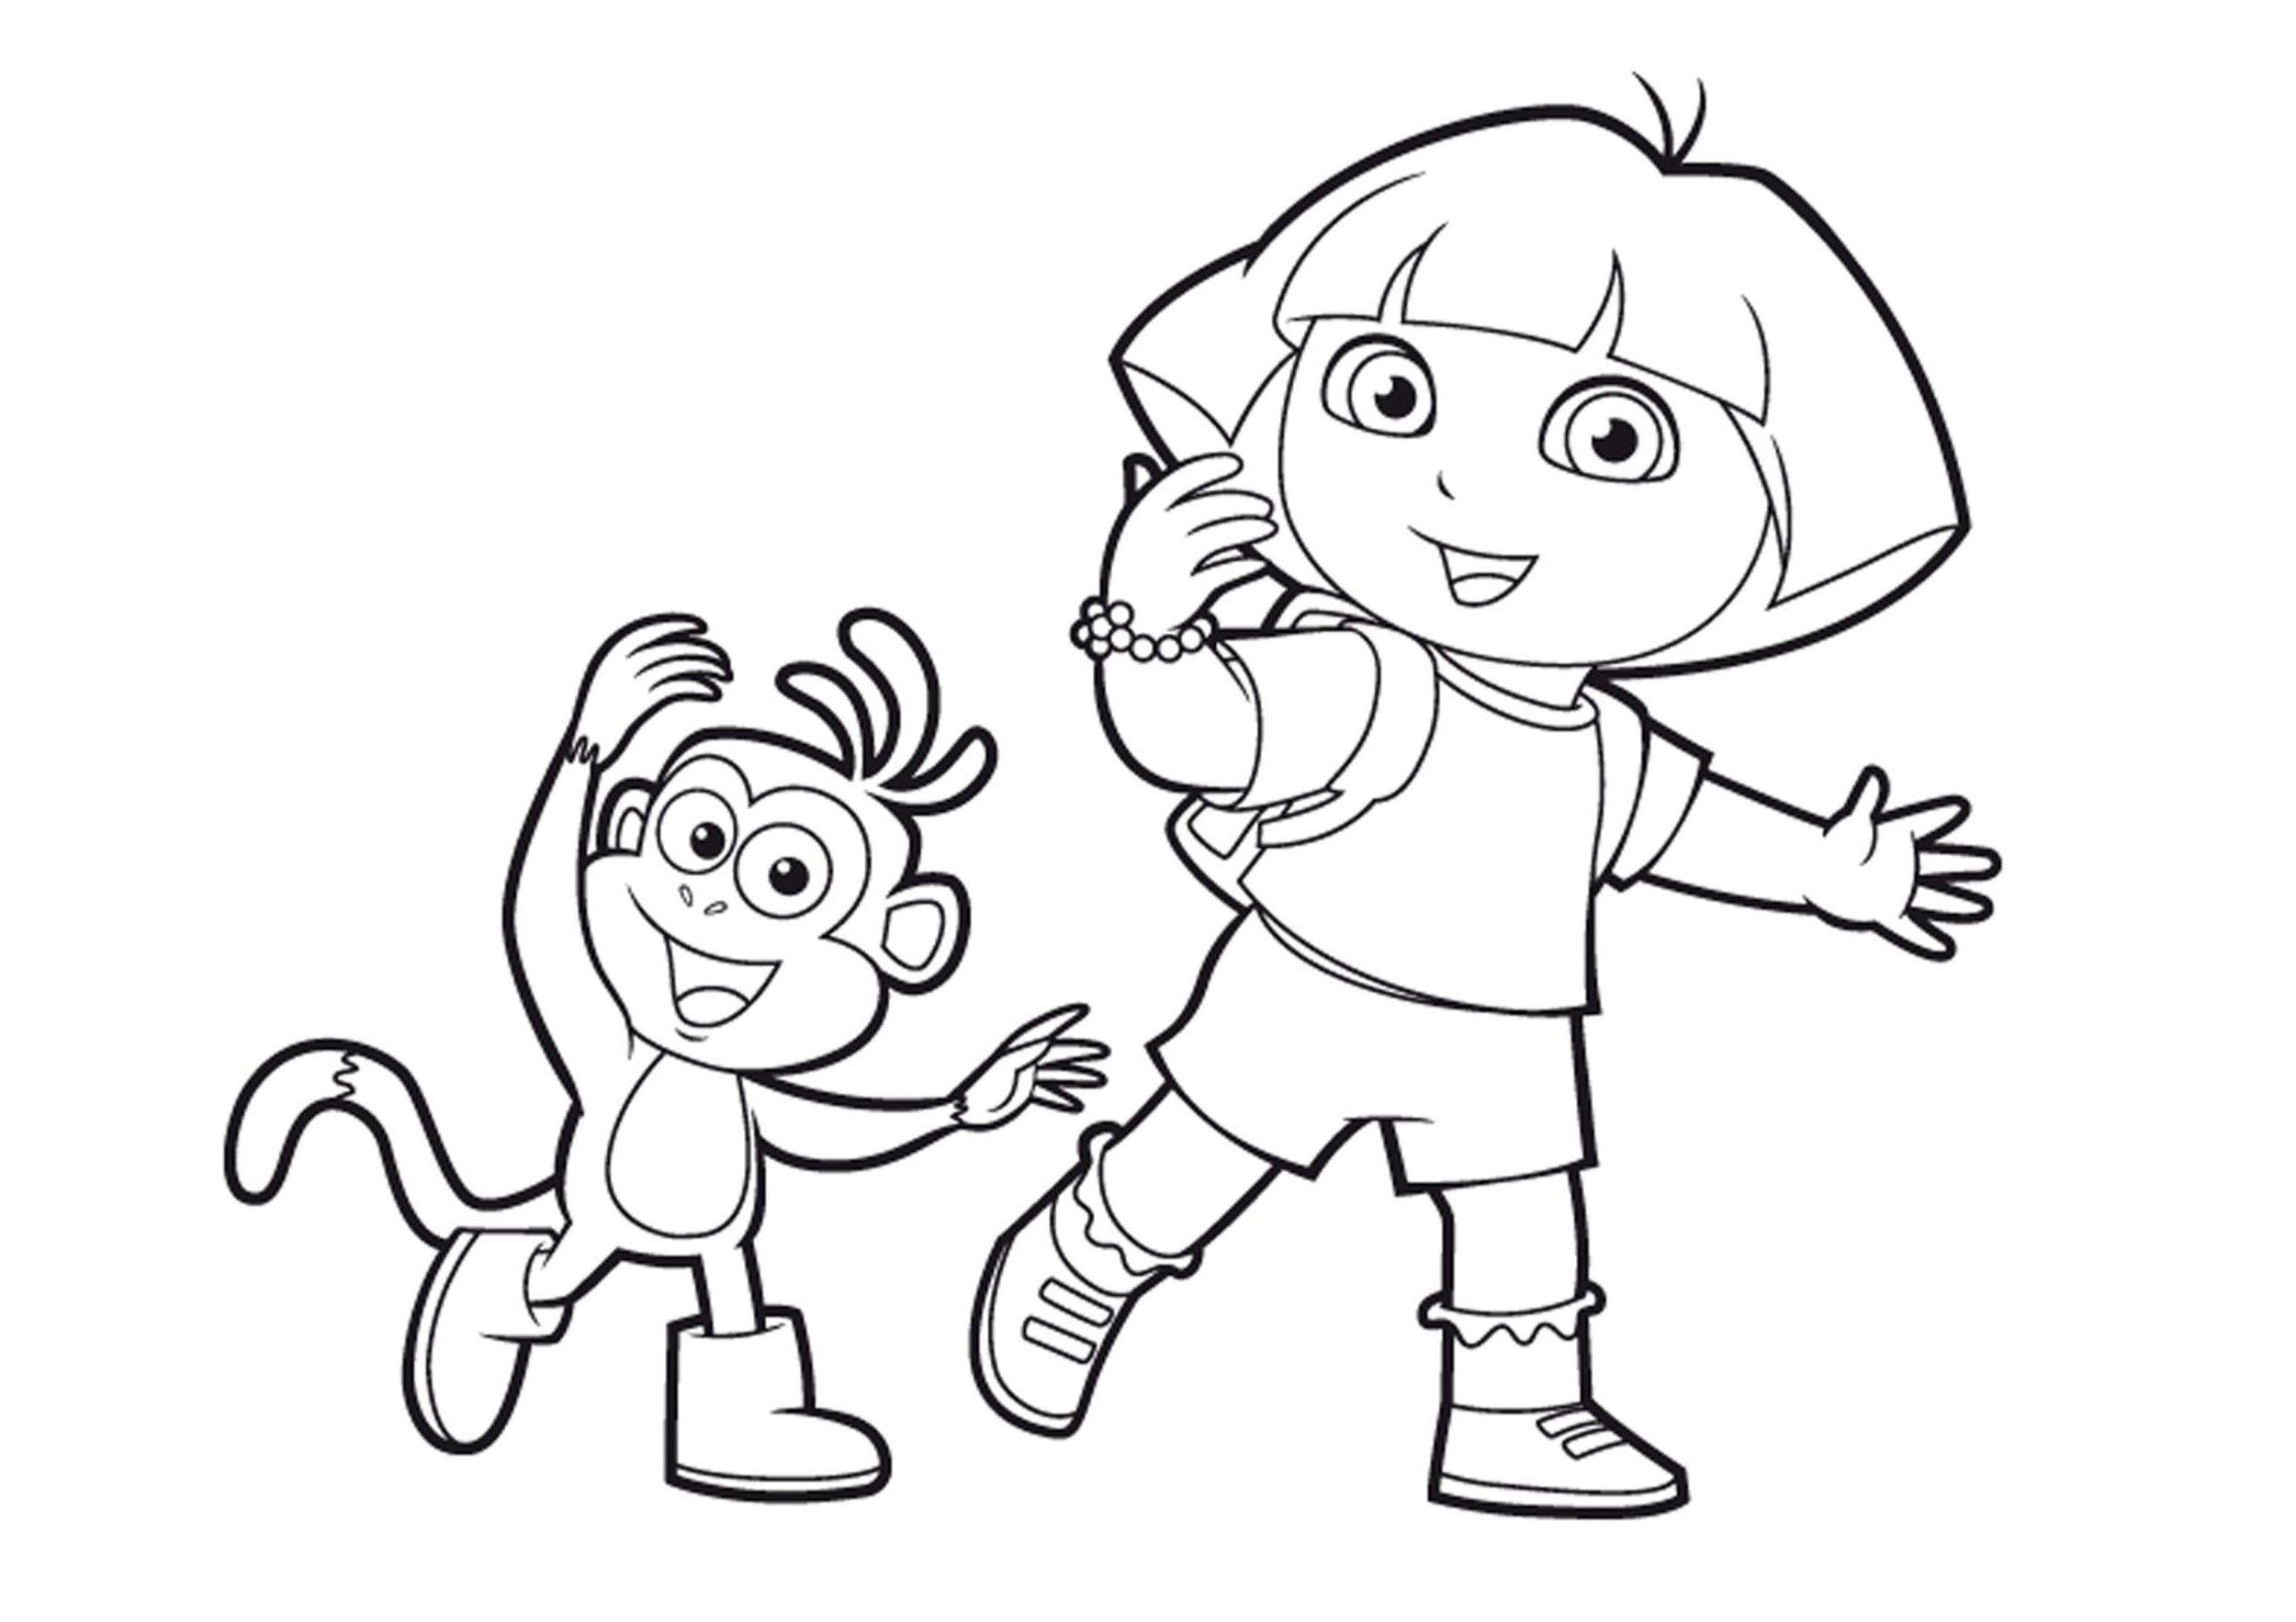 Coloriage Dora A Imprimer Dora Avec Babouche Dora En Coloriage Dora Coloriage Coloriage Gratuit